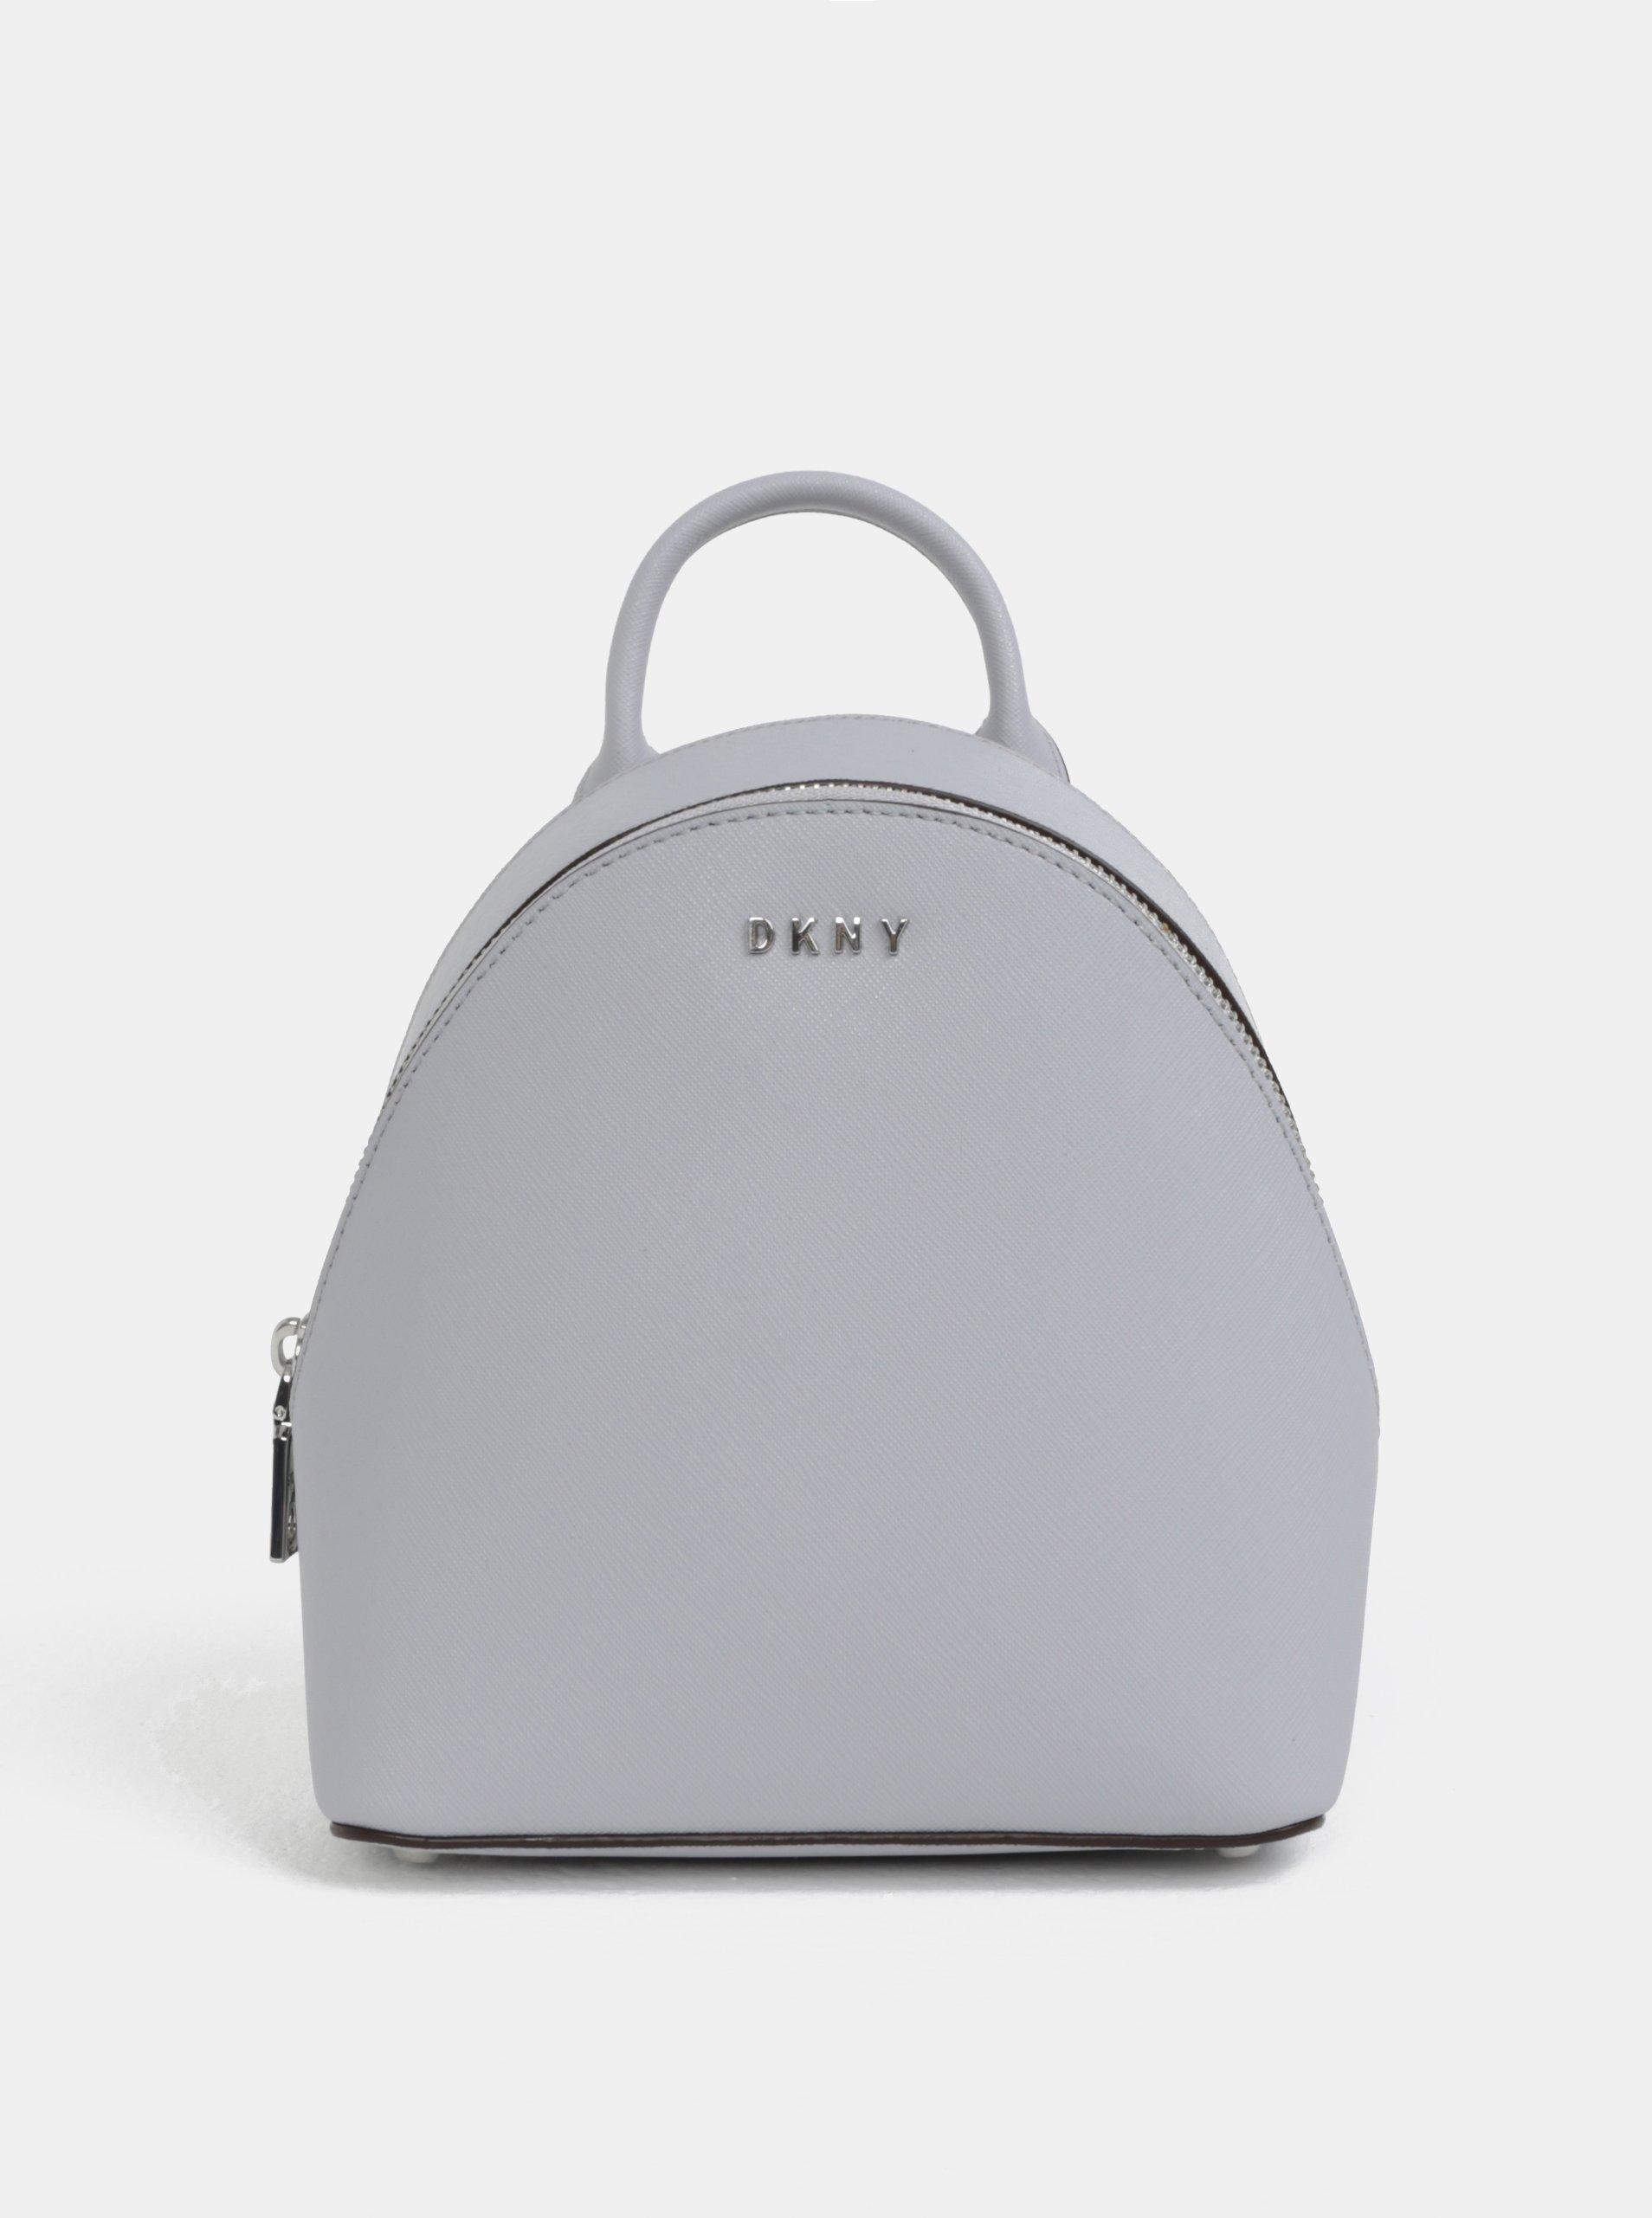 Fotografie Světle šedý malý kožený elegantní batoh DKNY Bryant